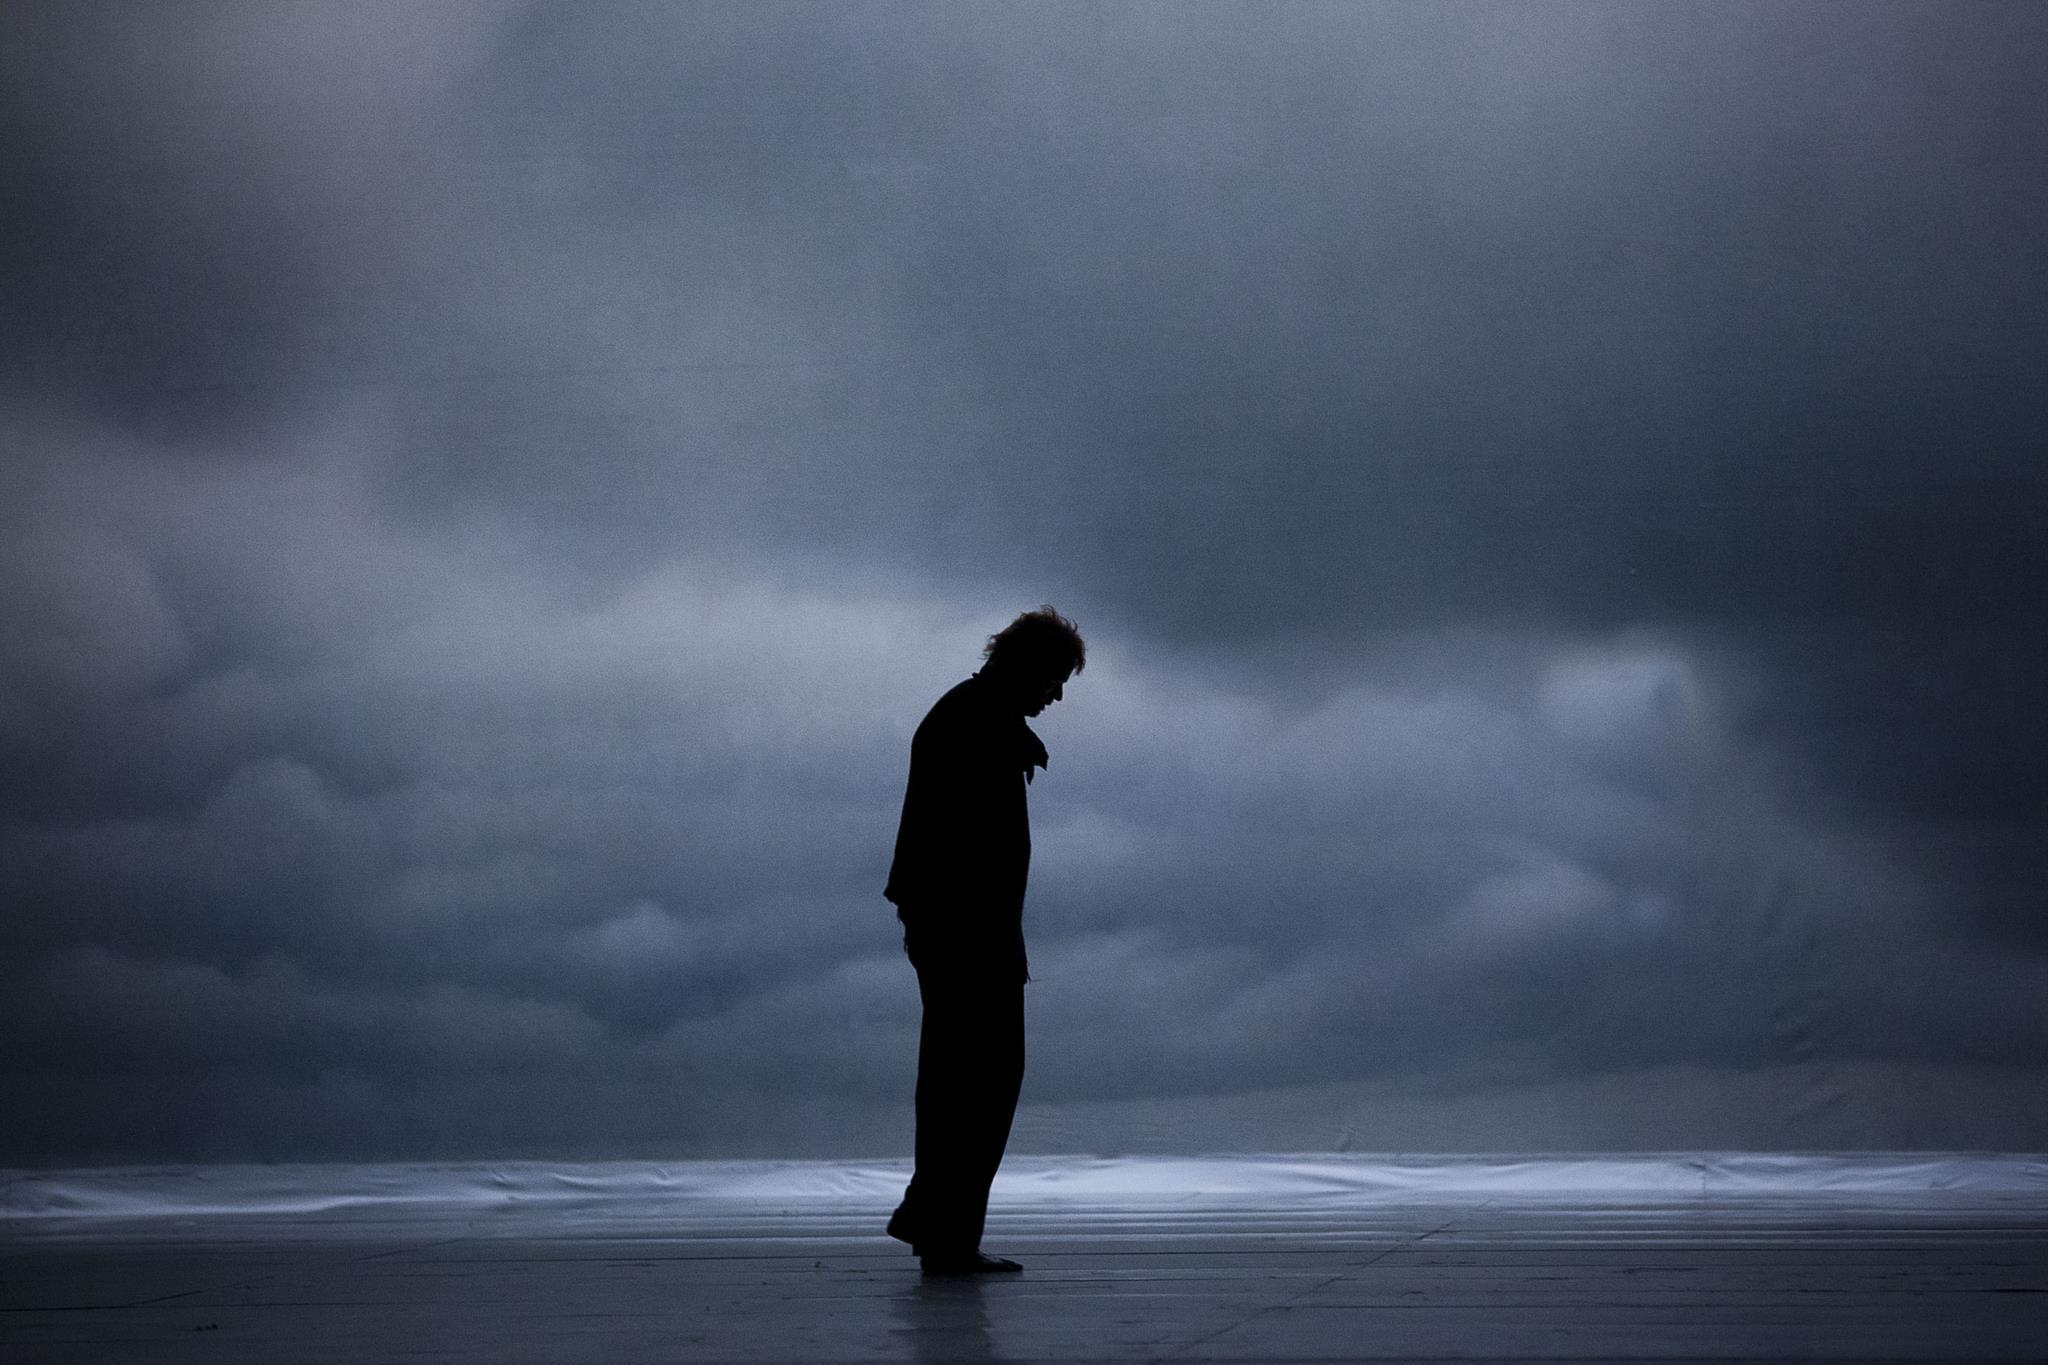 PÚBLICO - Peter Grimes, contra o vento e o mar